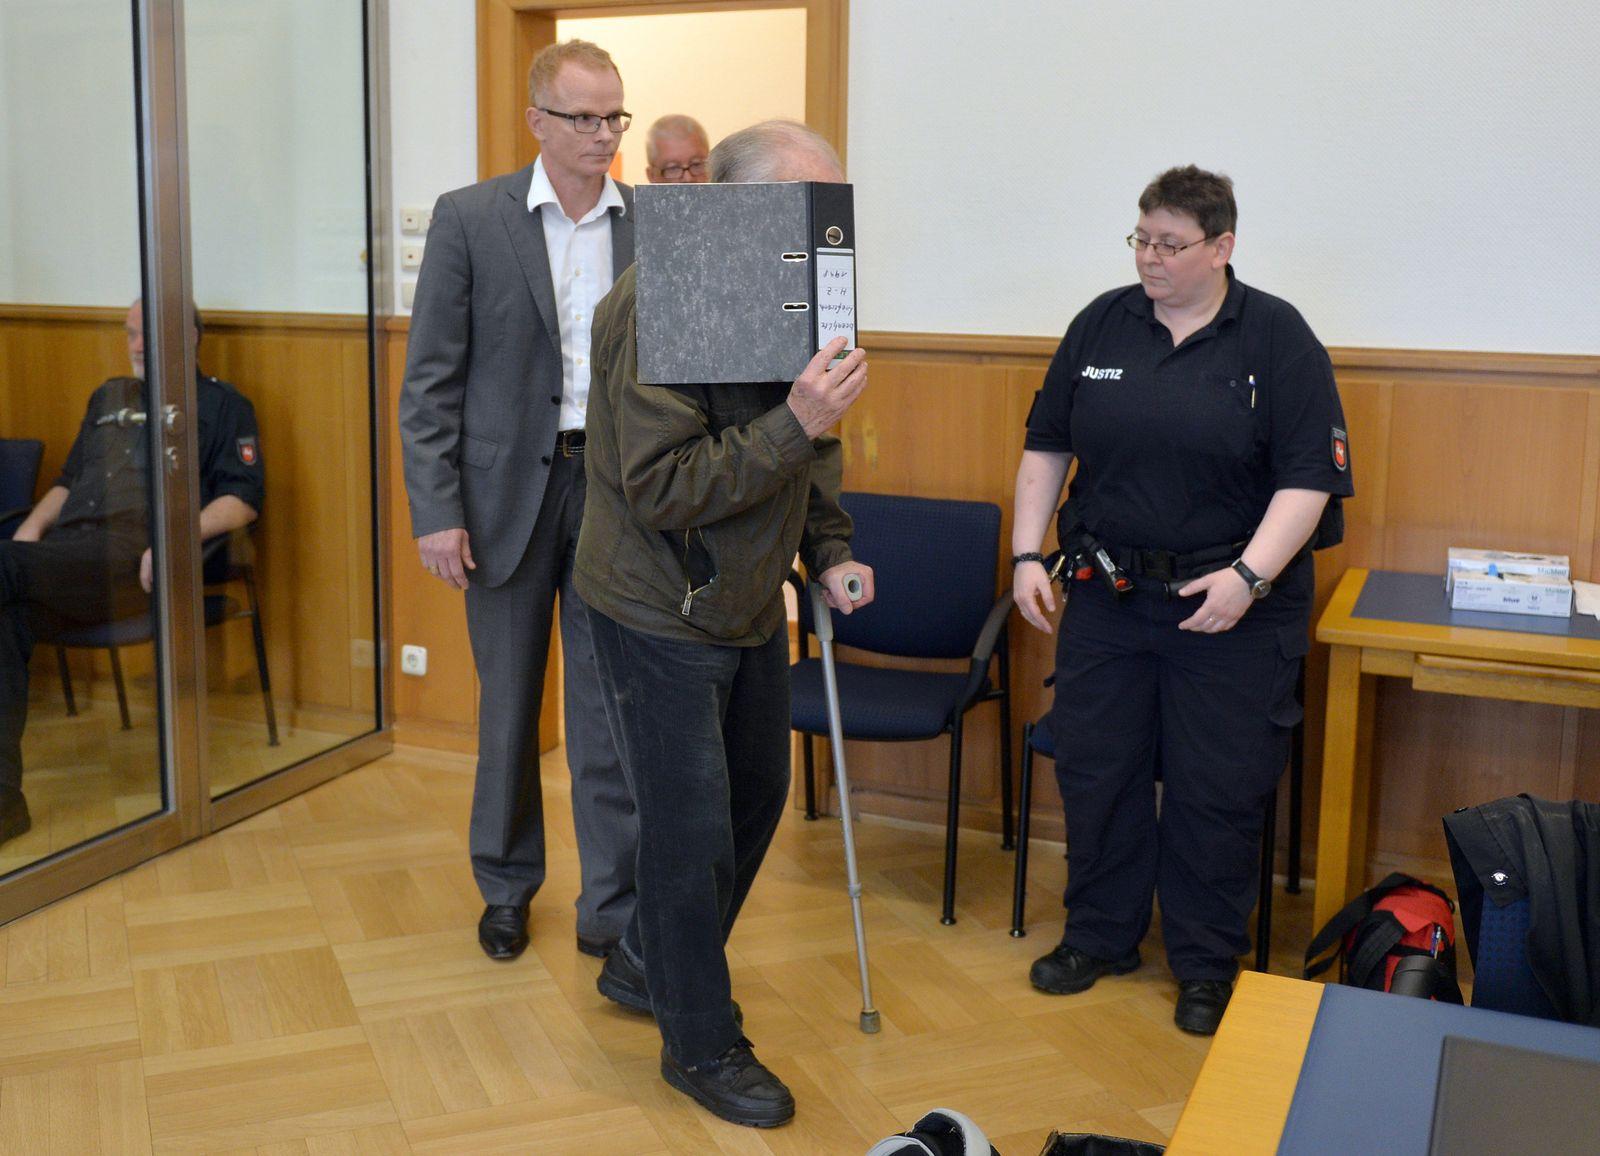 Prozess gegen 80-jährigen Rentner in Stade